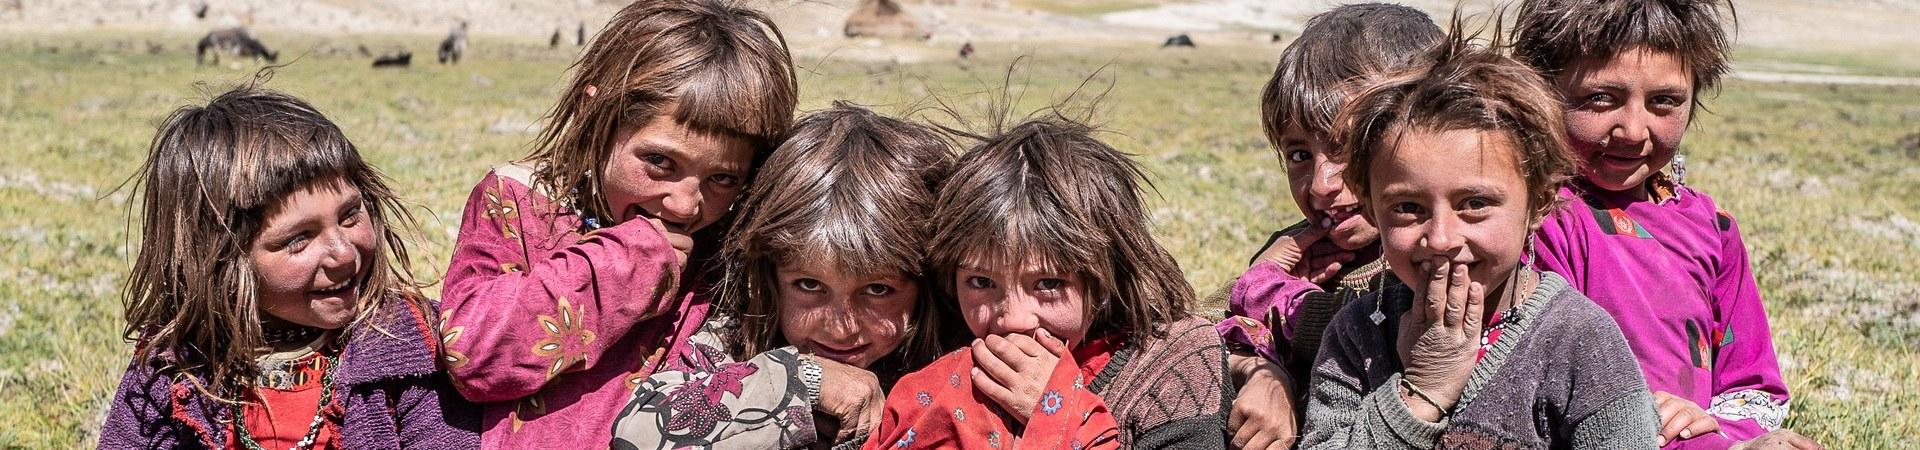 Freundliche Kinder in Zentralasien